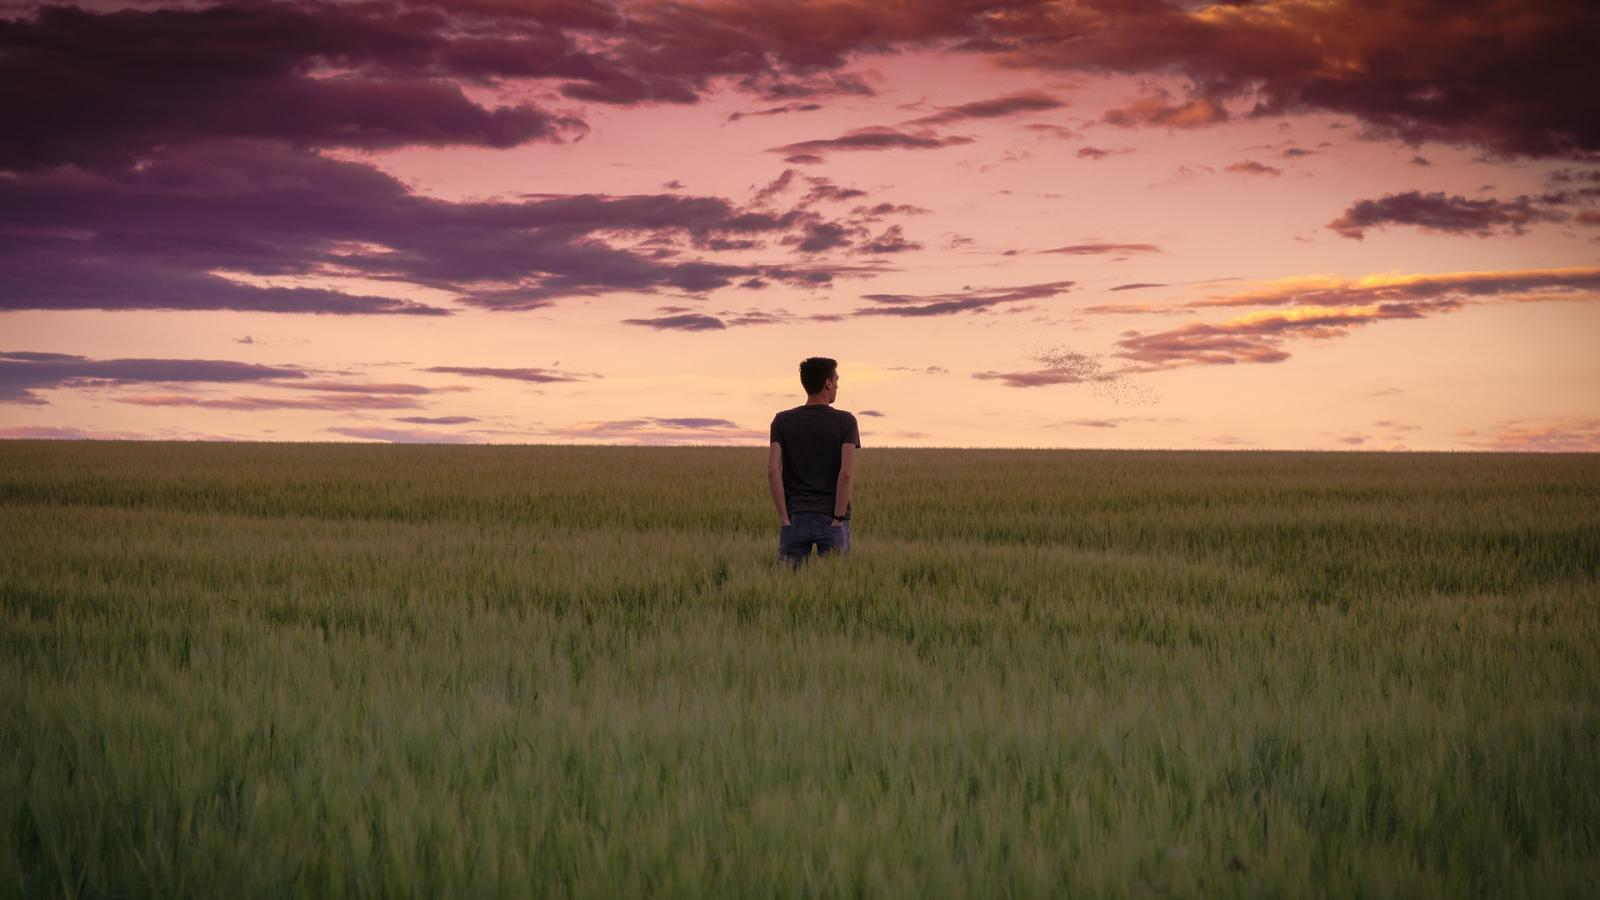 Man in field.